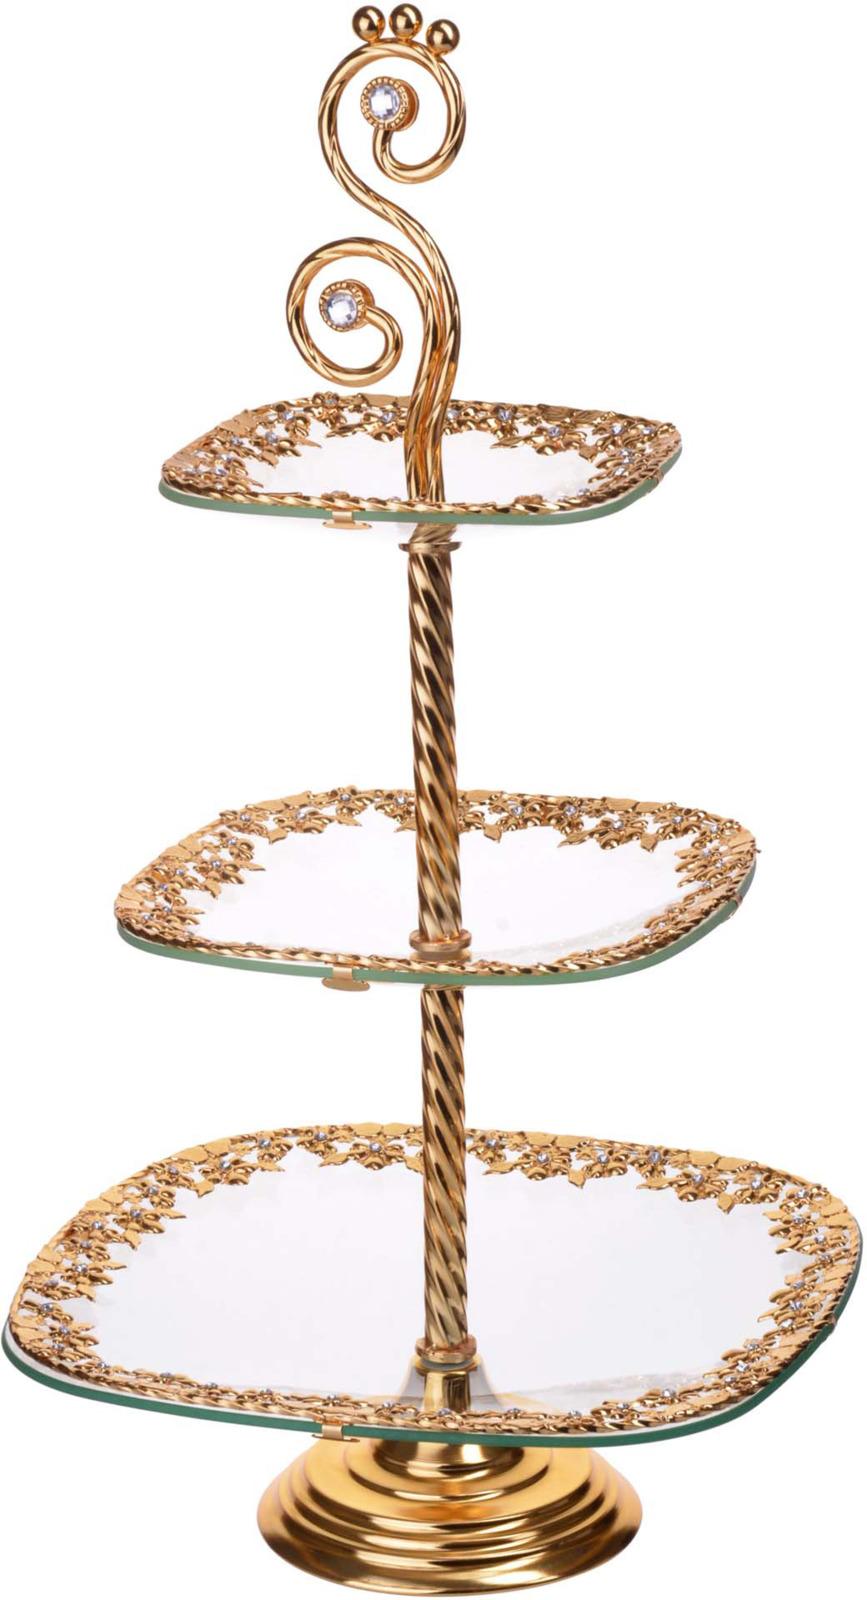 Конфетница Loraine, 3-ярусная, цвет: золотой, высота 55 см набор декоративных листочков scrapberry s цвет белый 20 шт